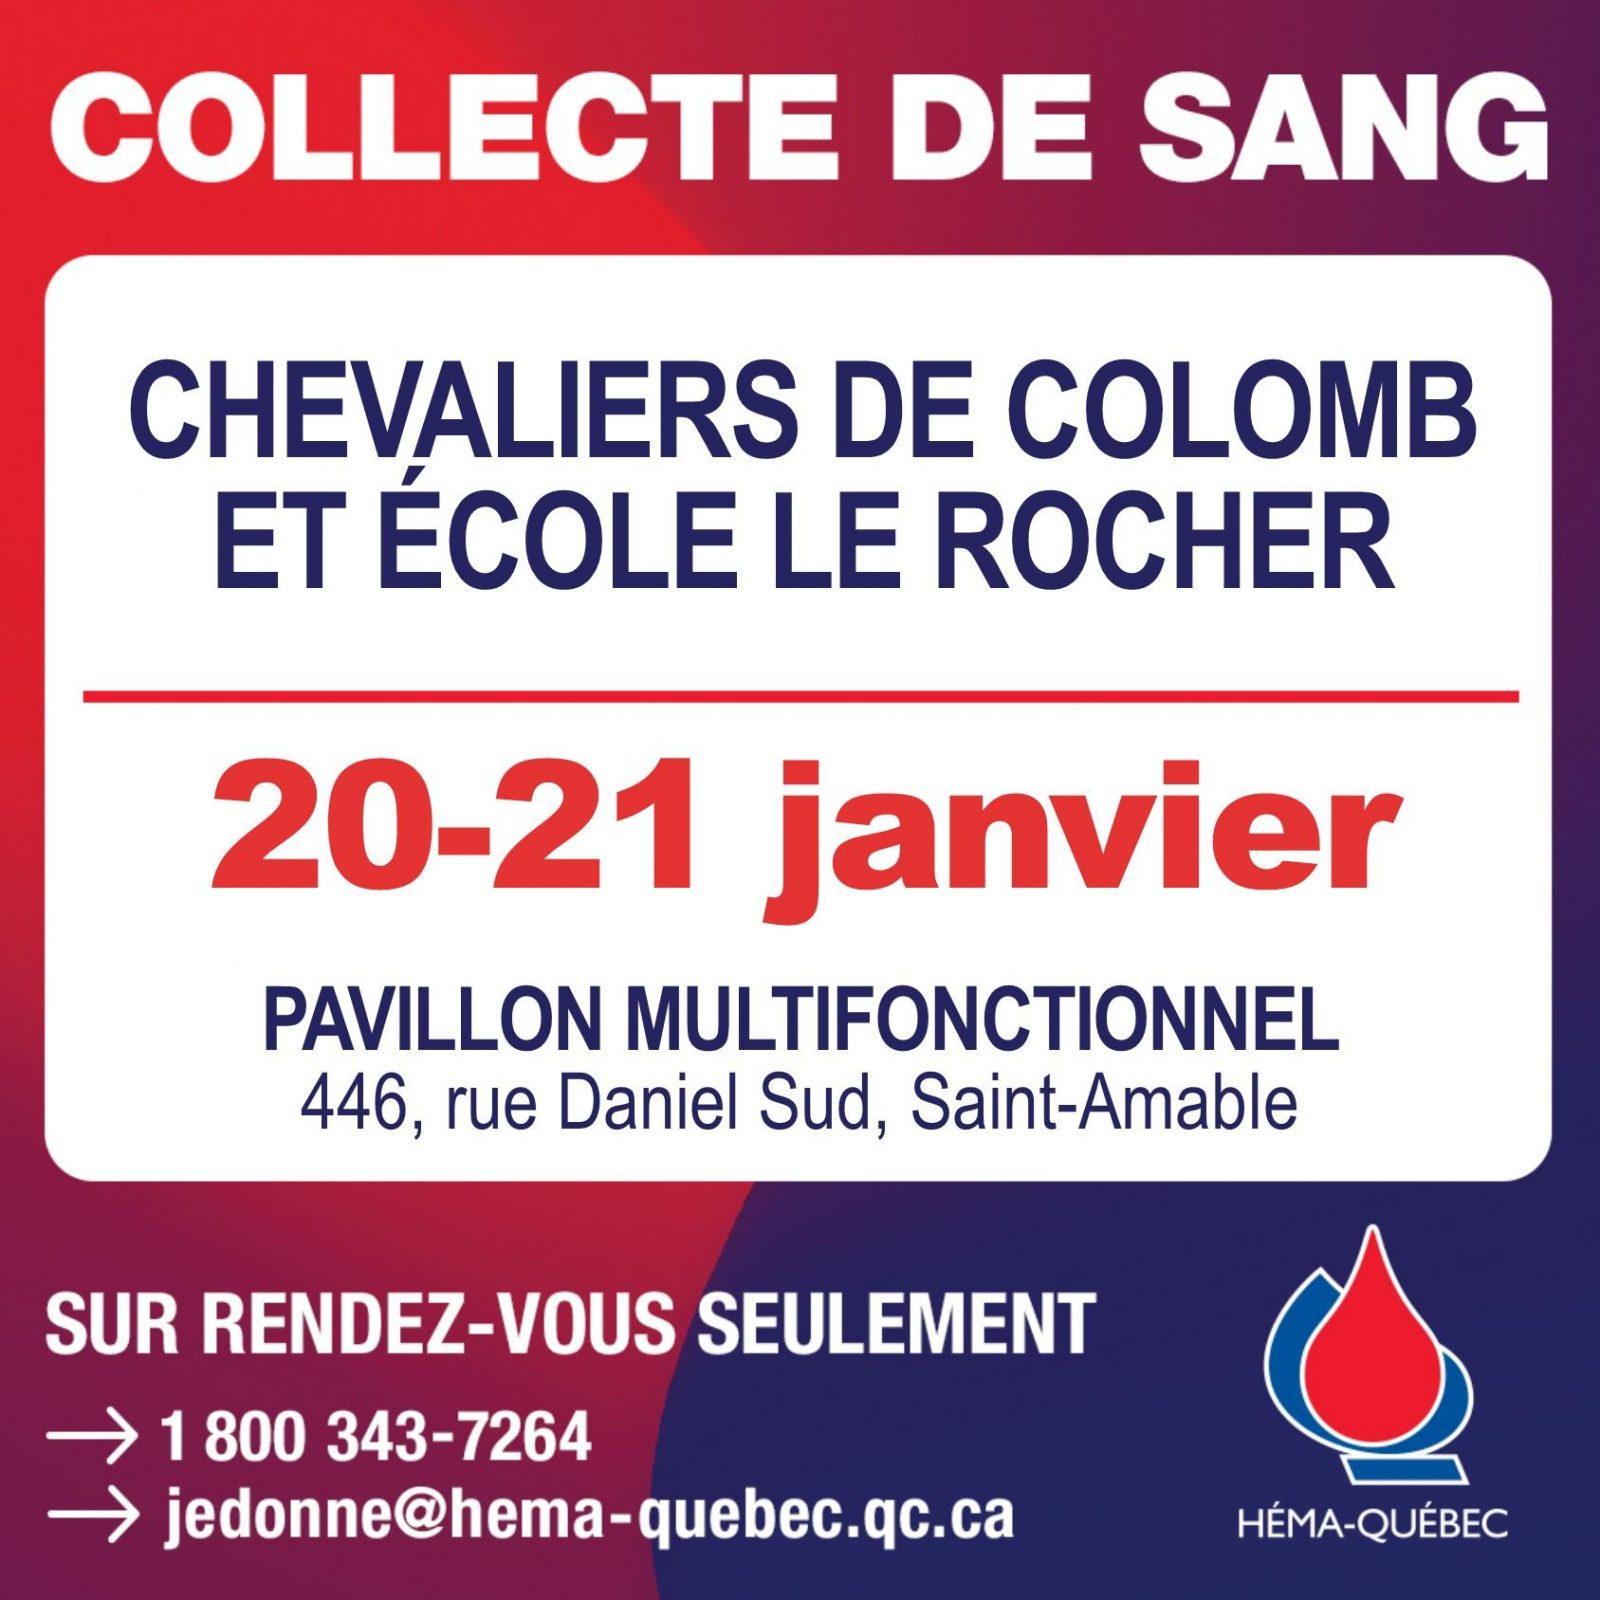 Collecte de sang des Chevaliers de Colomb de Saint-Amable les 20 et 21 janvier